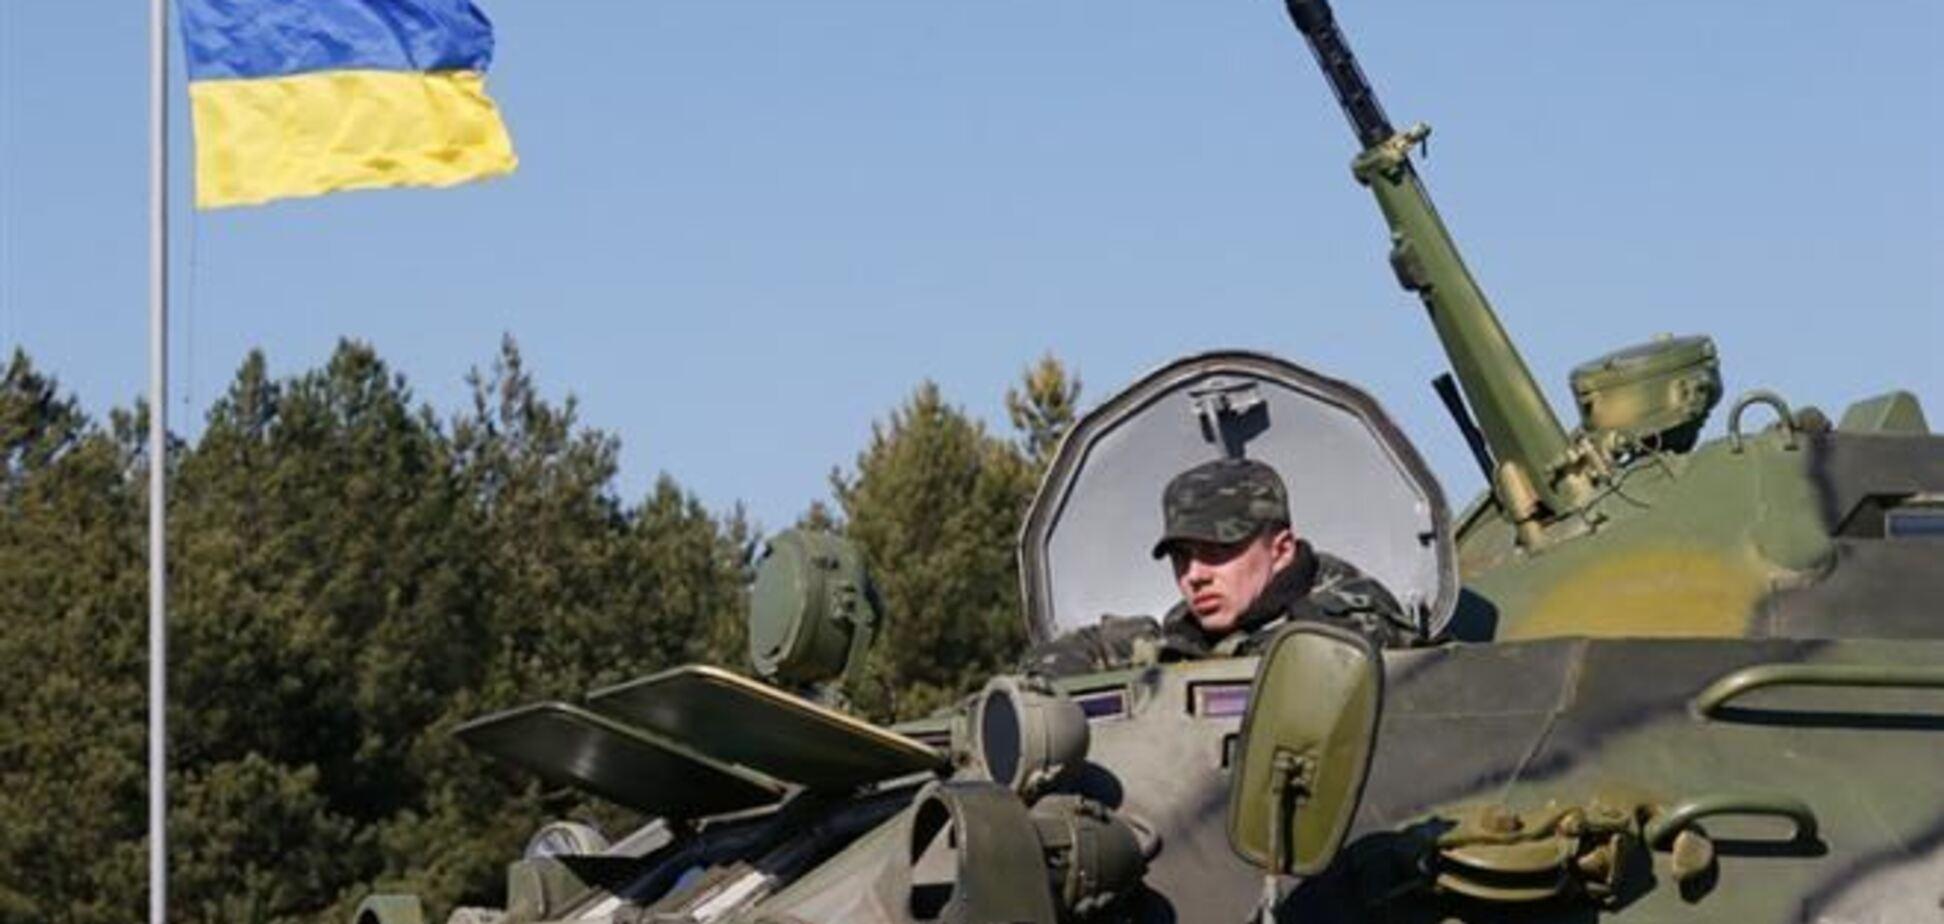 Українські військовослужбовці не покинуть Крим - Міноборони